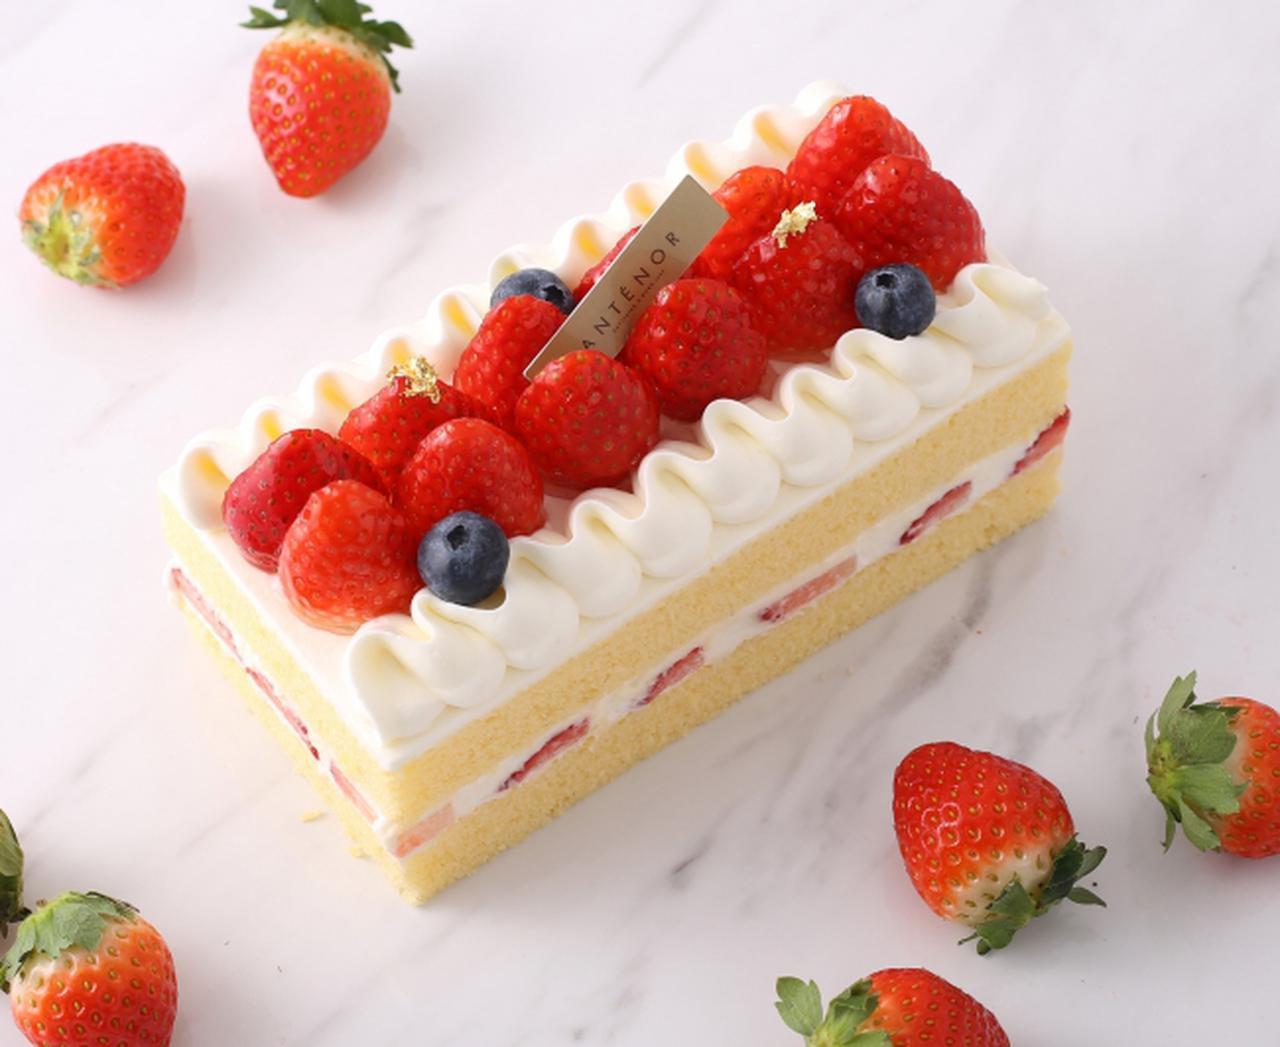 画像2: 苺づくし!あまおう苺・紅ほっぺ苺のケーキ、デザートが勢ぞろい!